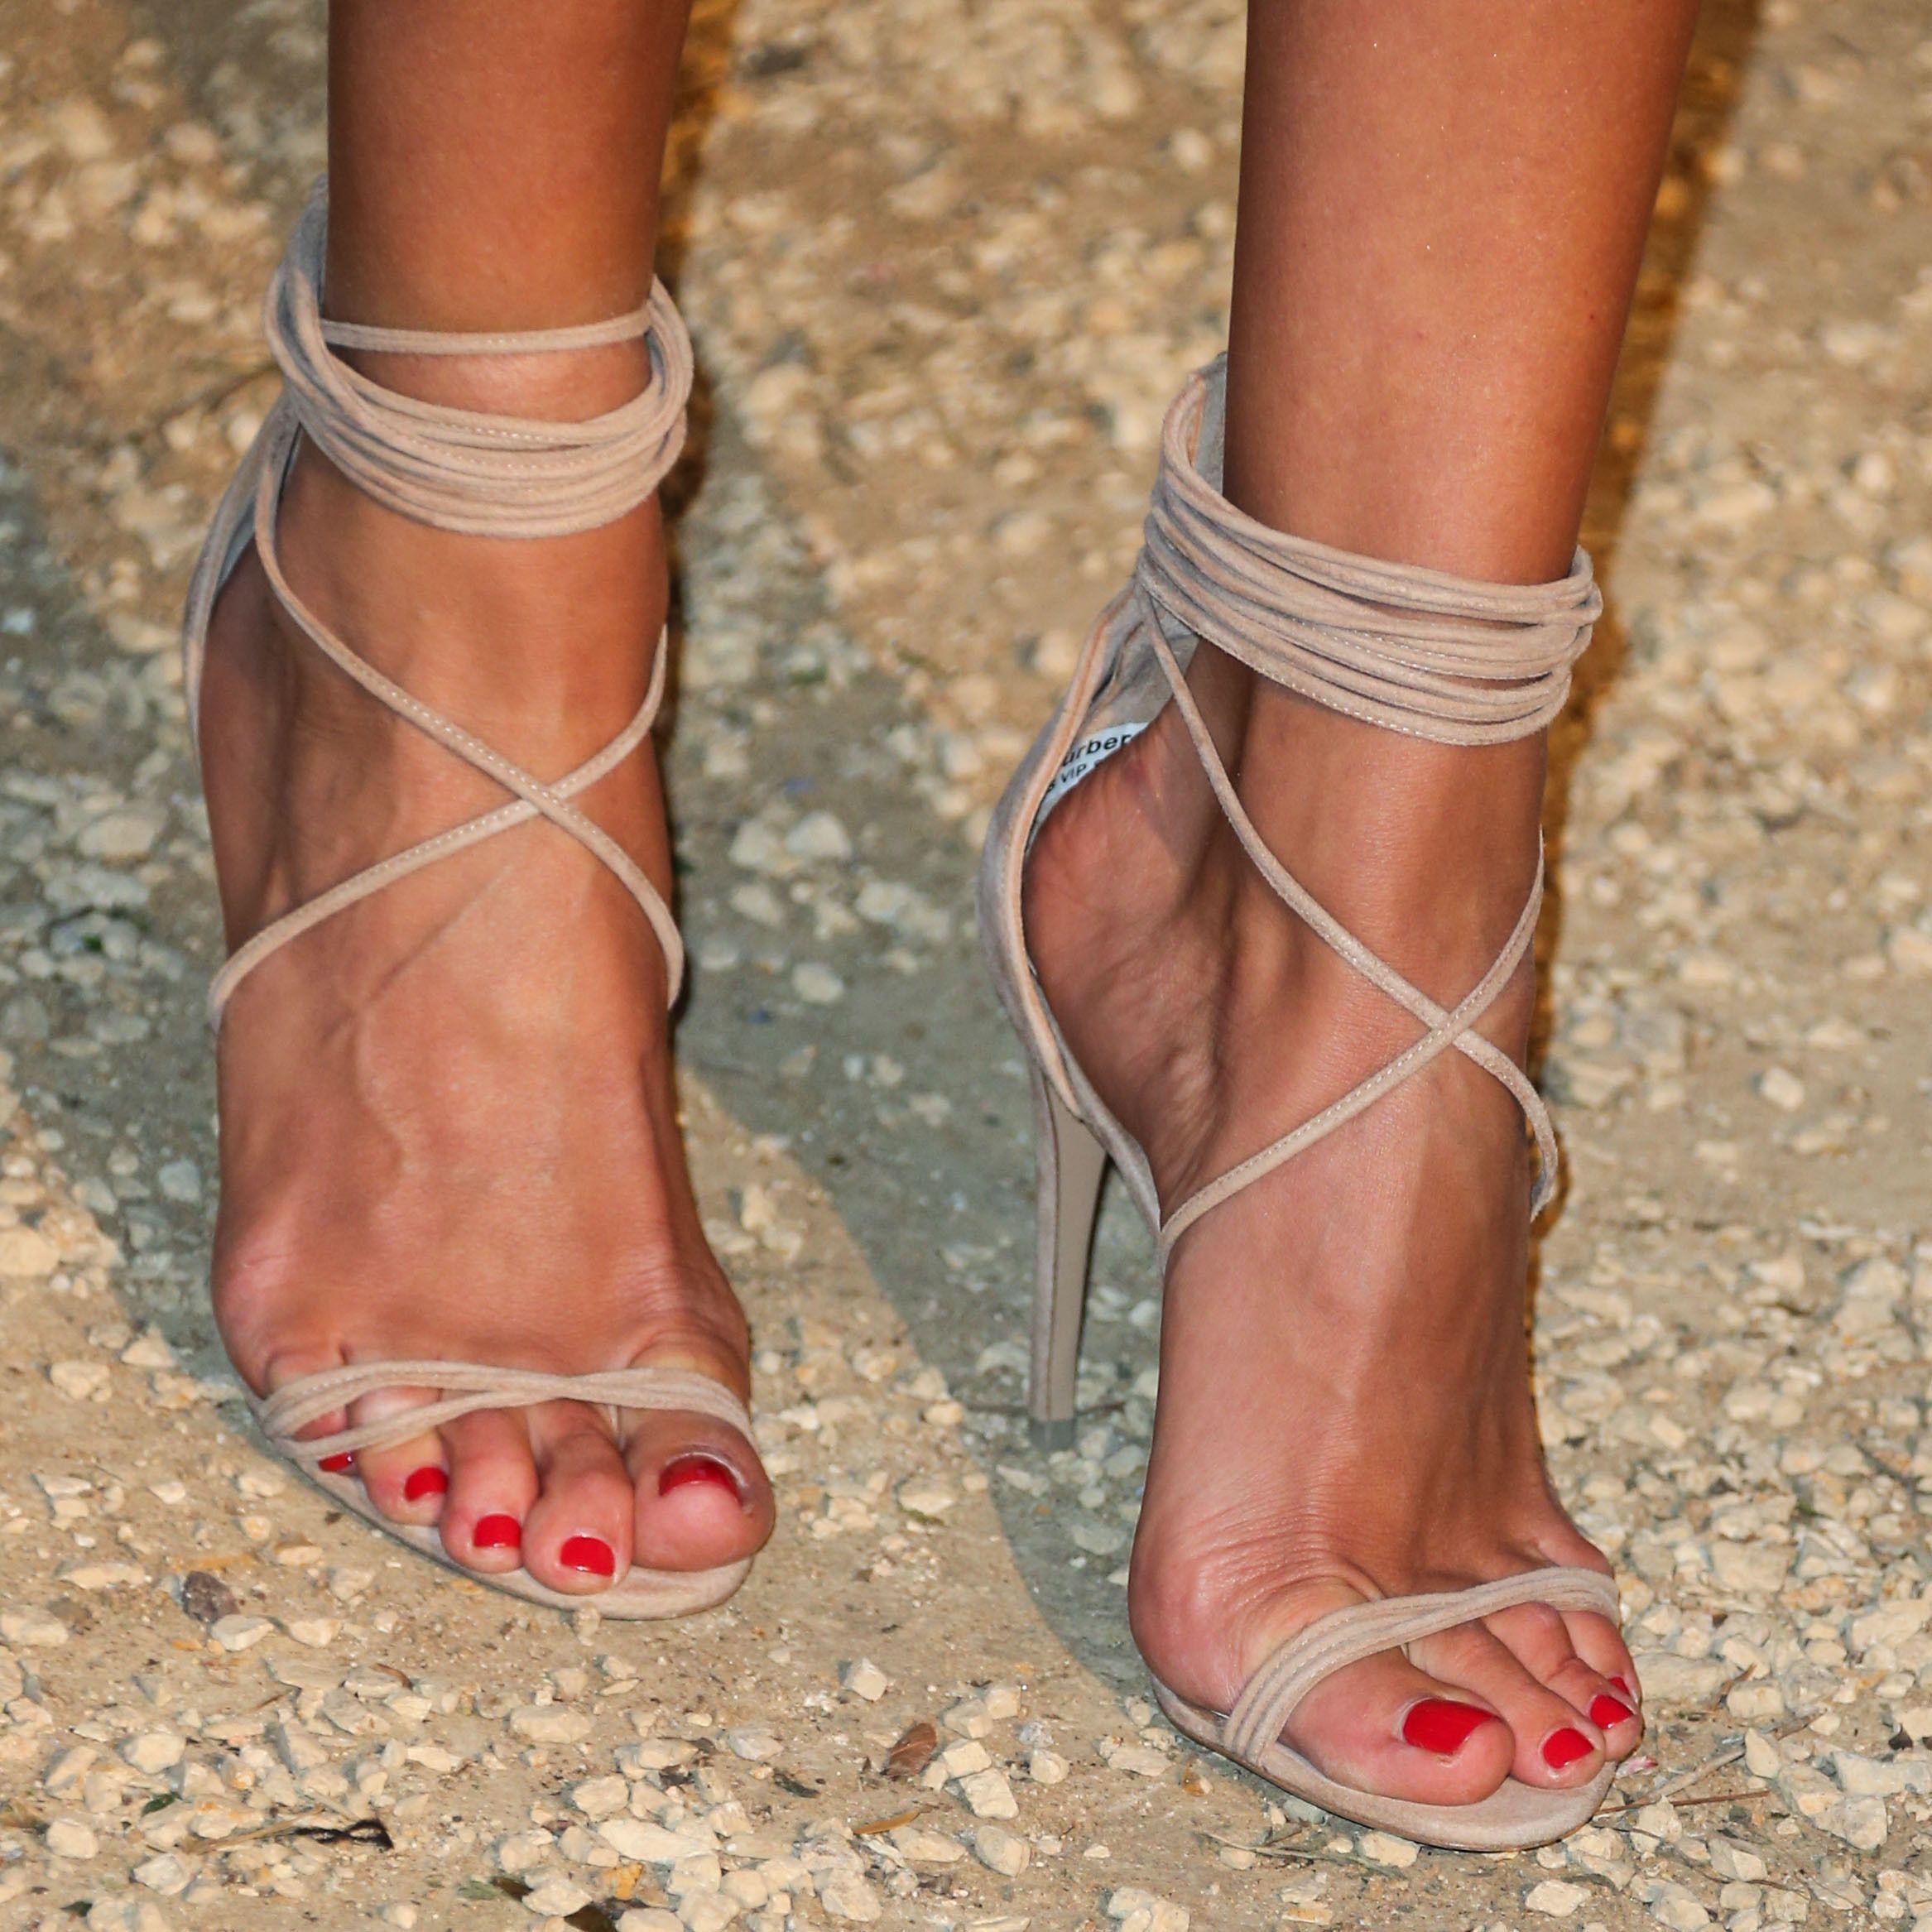 Rosie-Huntington-Whiteley | Heels, Stiletto sandals, Caged